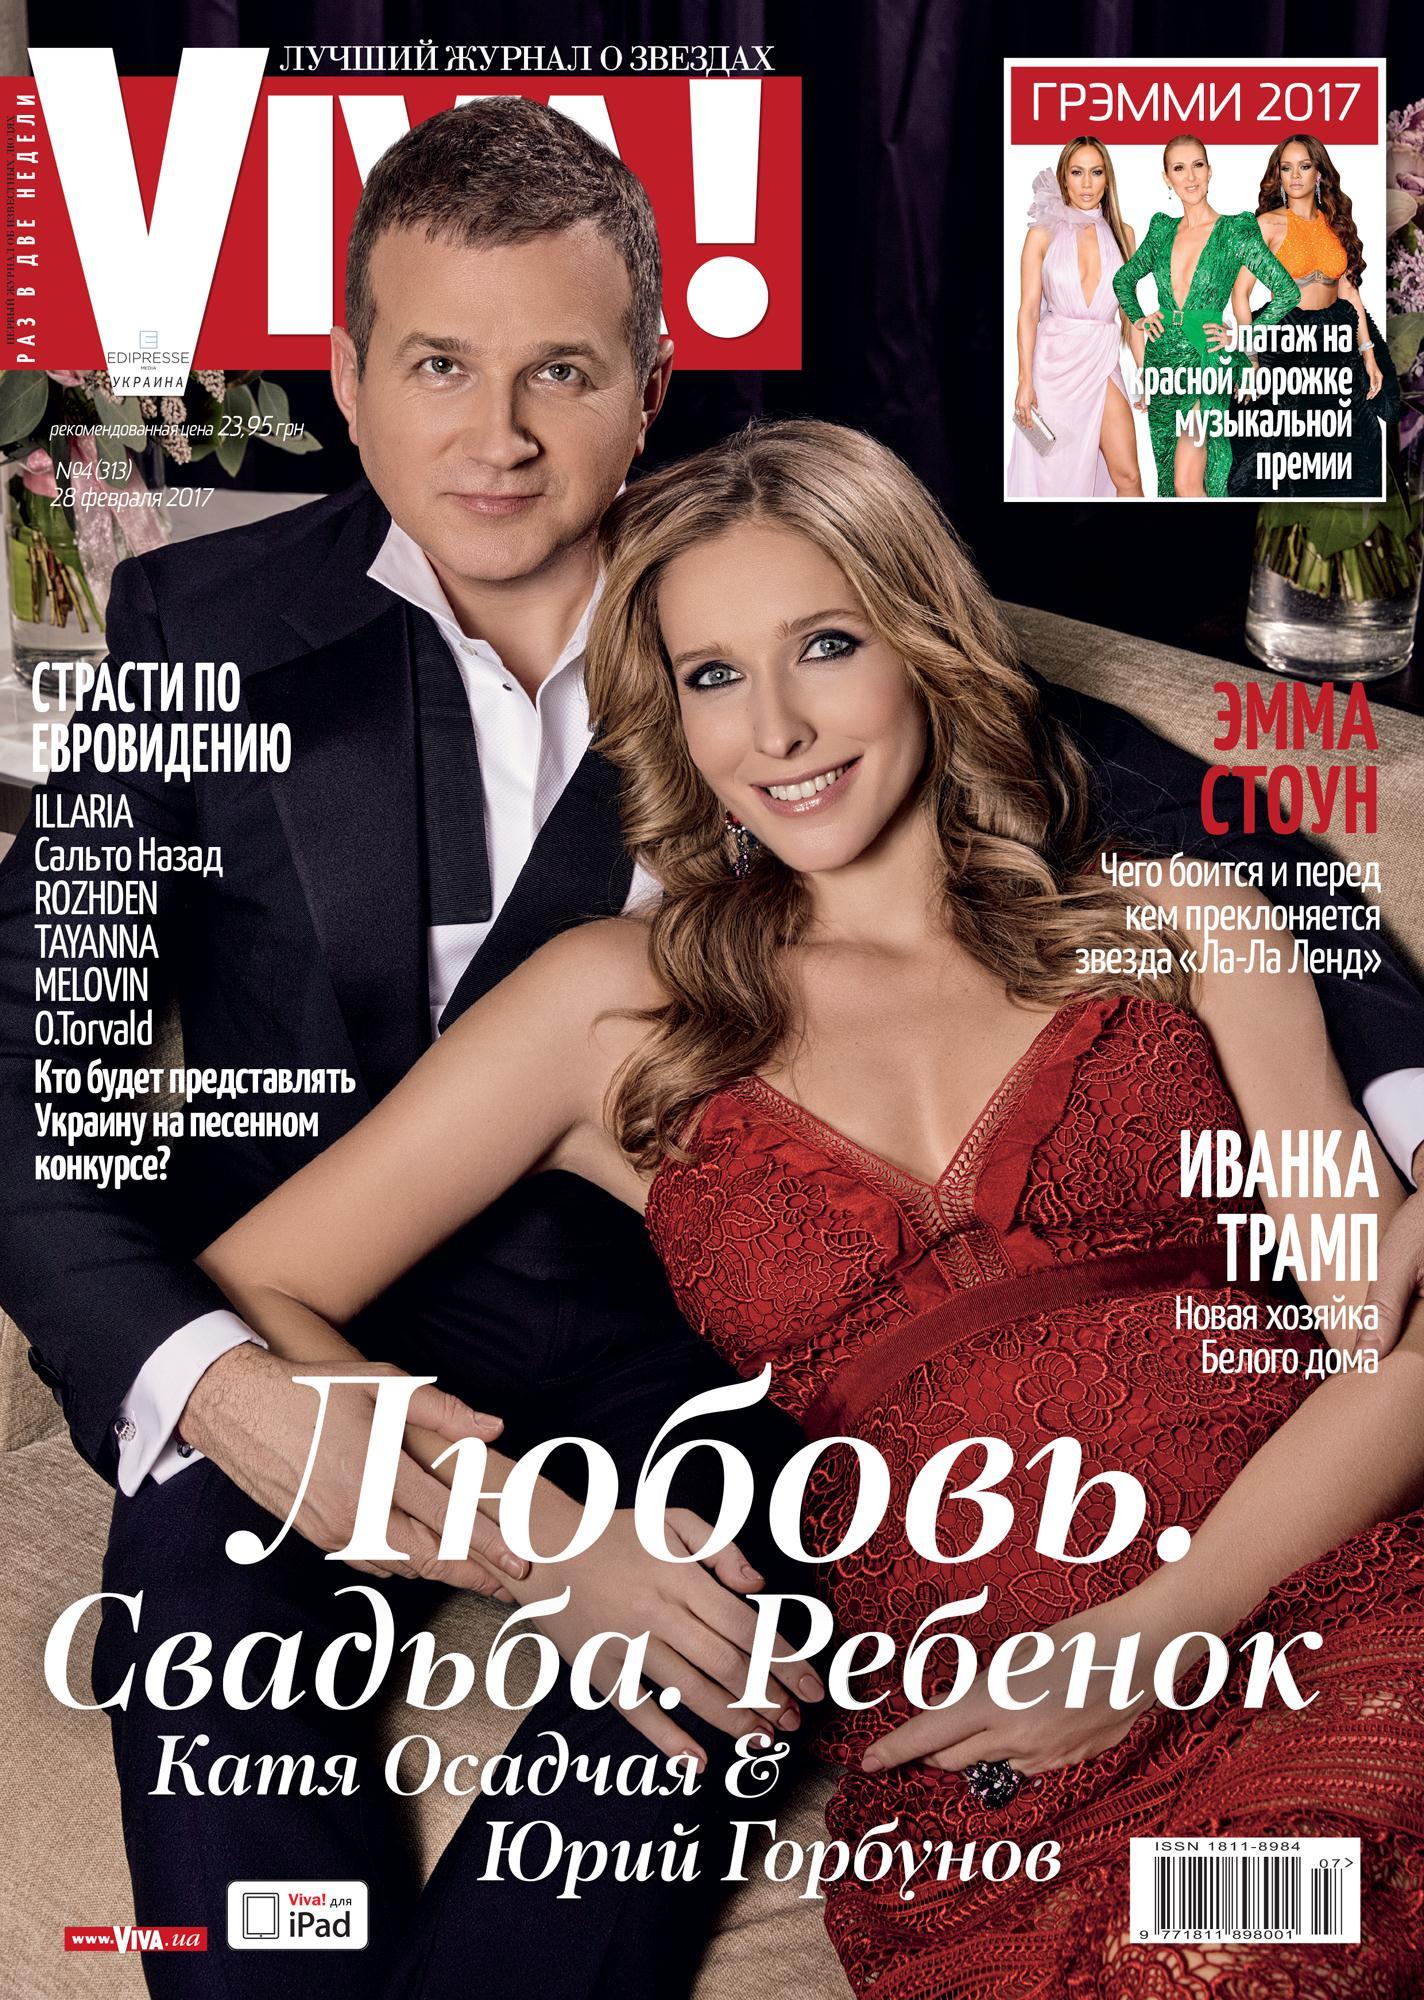 Катя Осадчая и Юрий Горбунов на обложке журнала Viva!